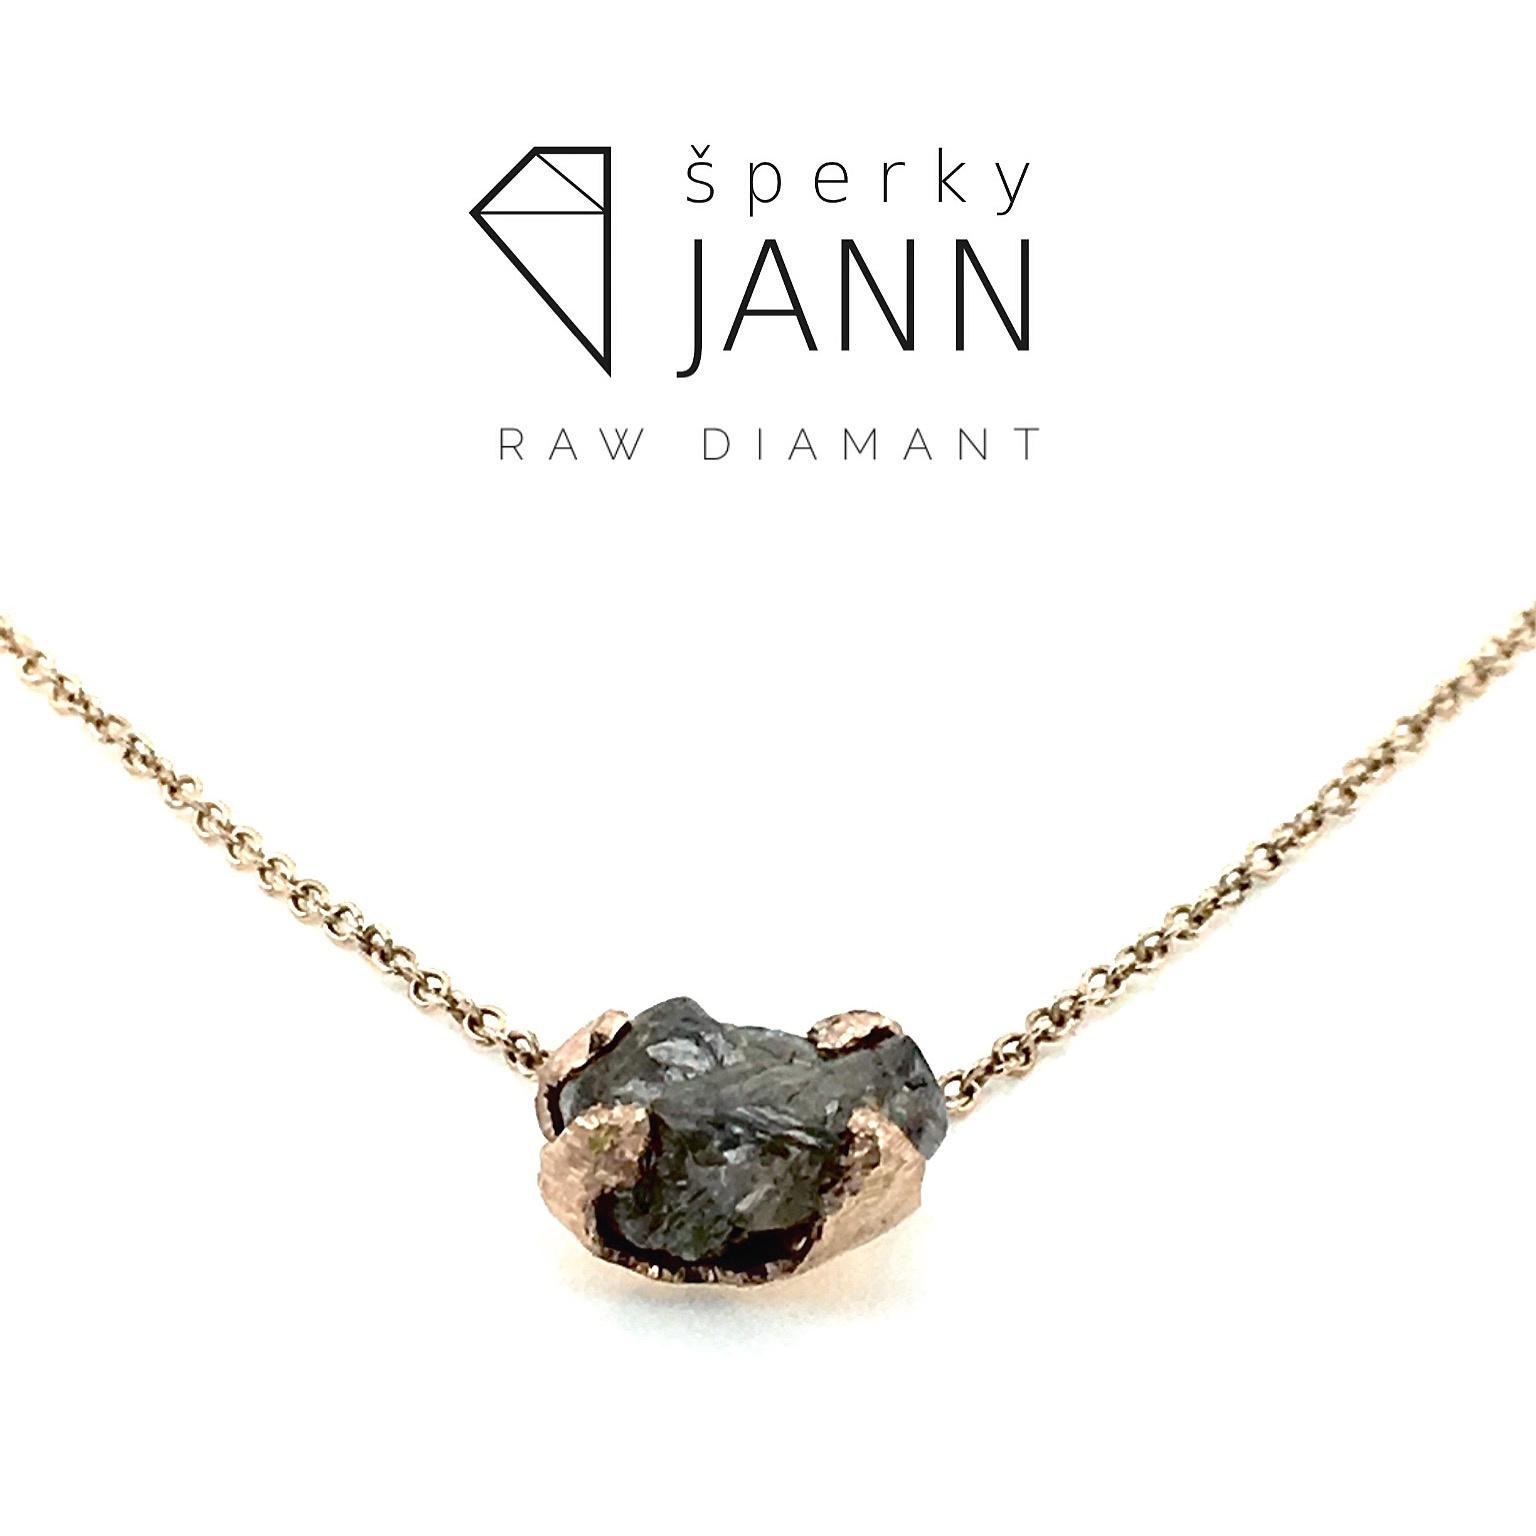 a15fa4e5b Náhrdelník Raw Diamant / Zboží prodejce ŠperkyJann   Fler.cz